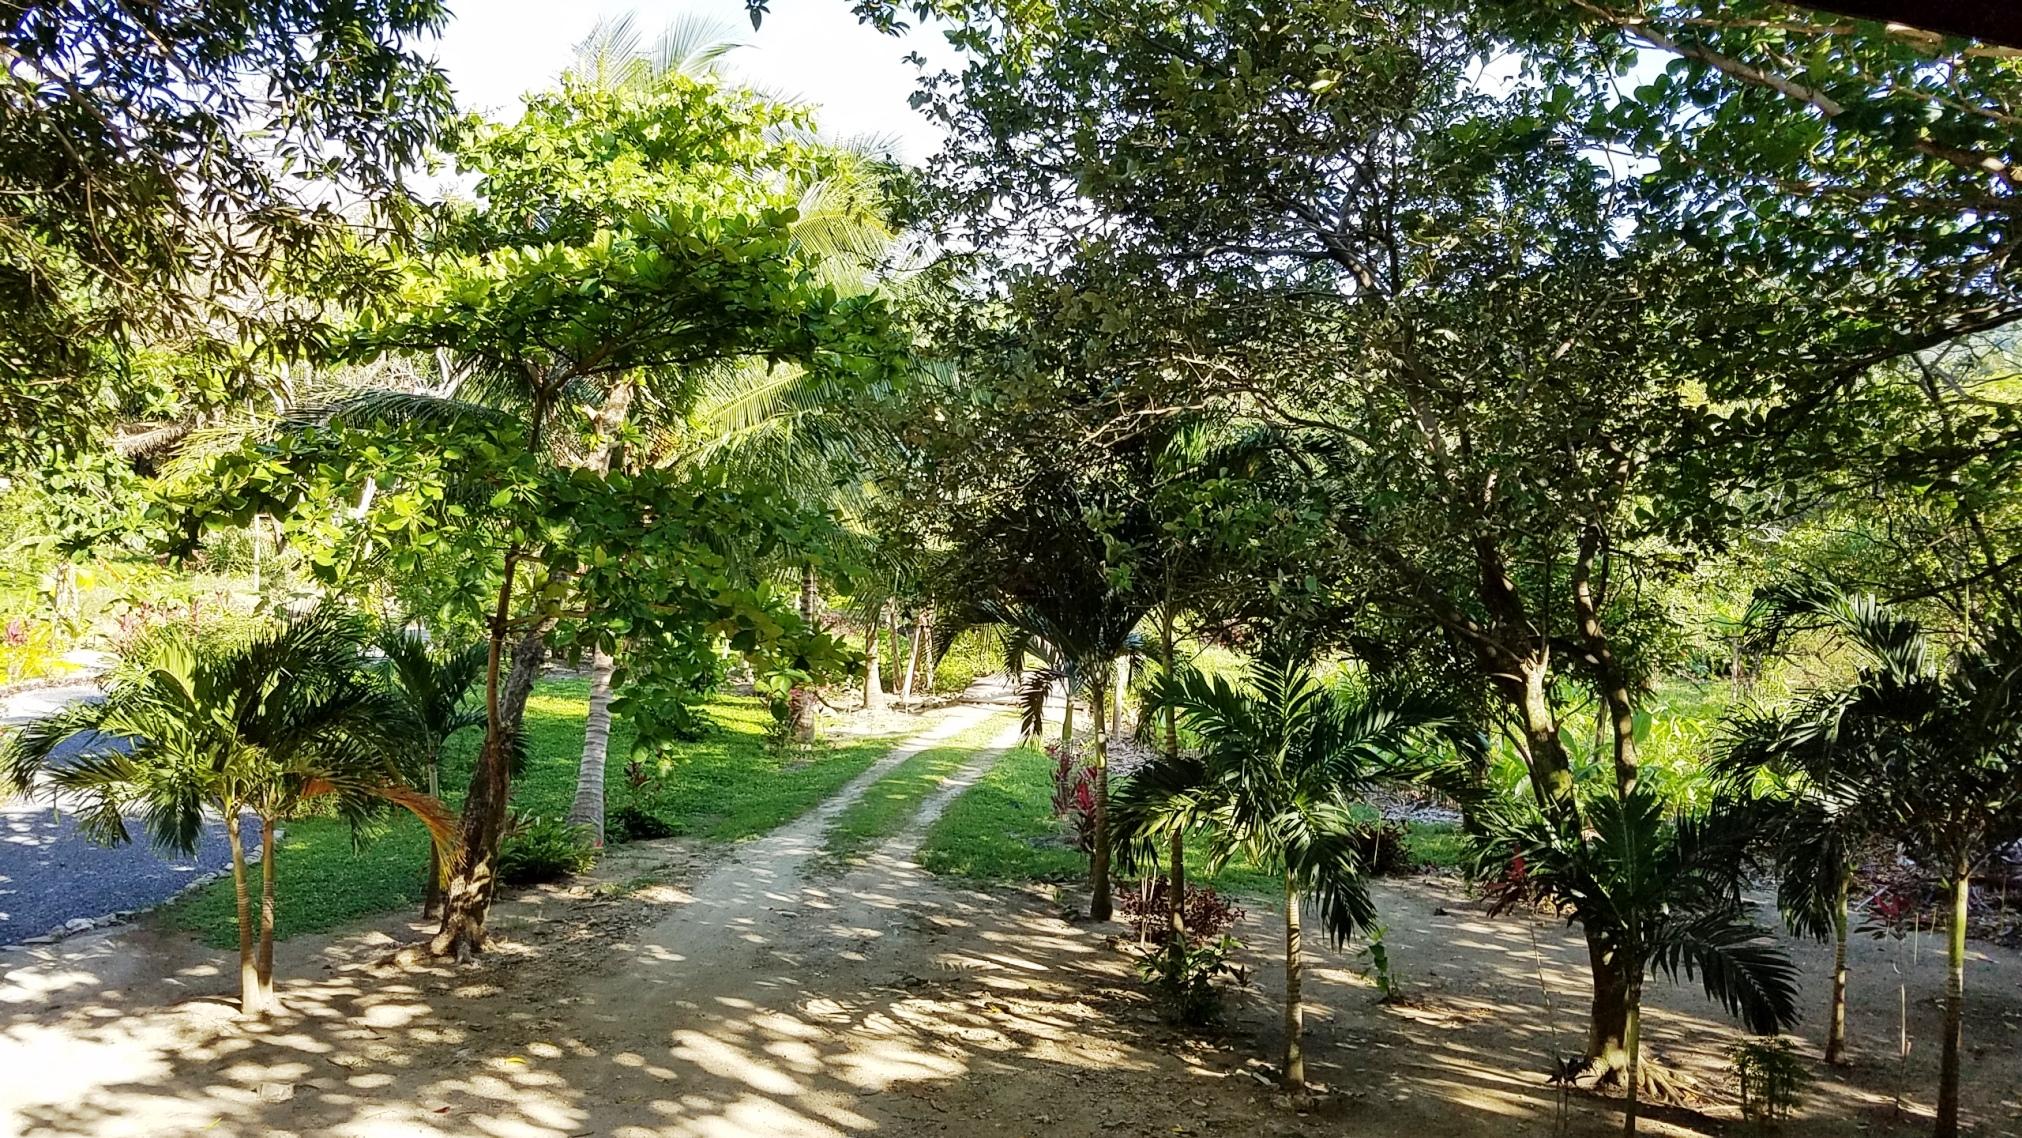 Garden driveway to villa